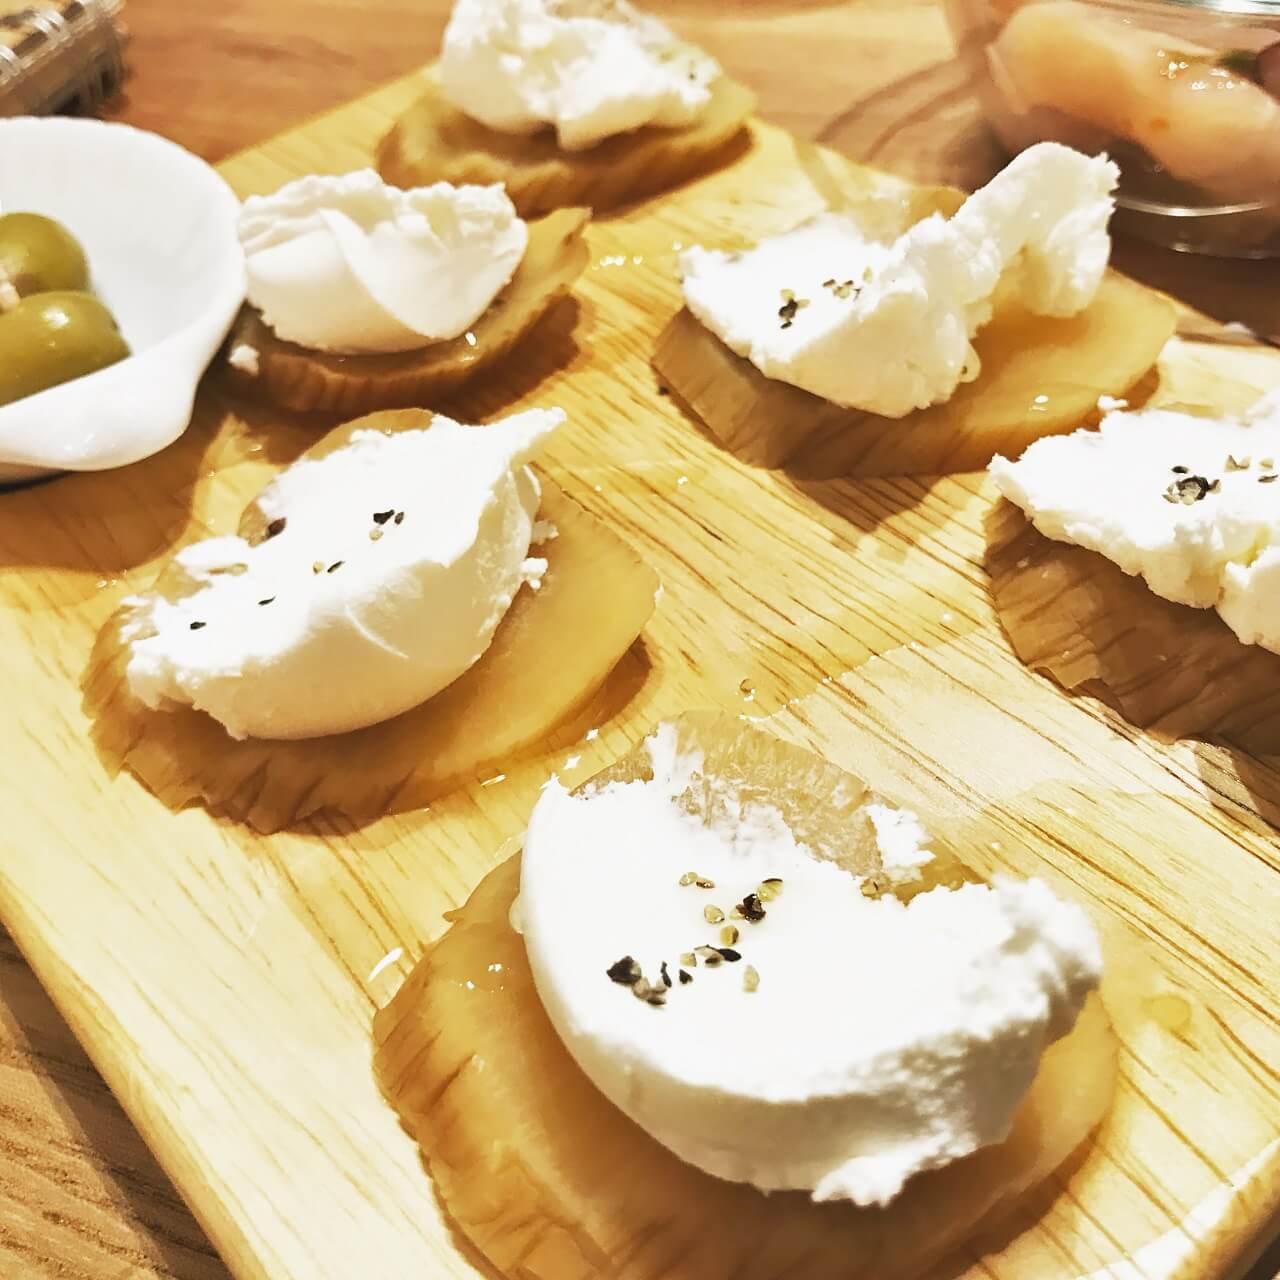 いぶりがっこ クリーム チーズ 【いぶりがっこ】の新たな楽しみ方!絶品アレンジ8選